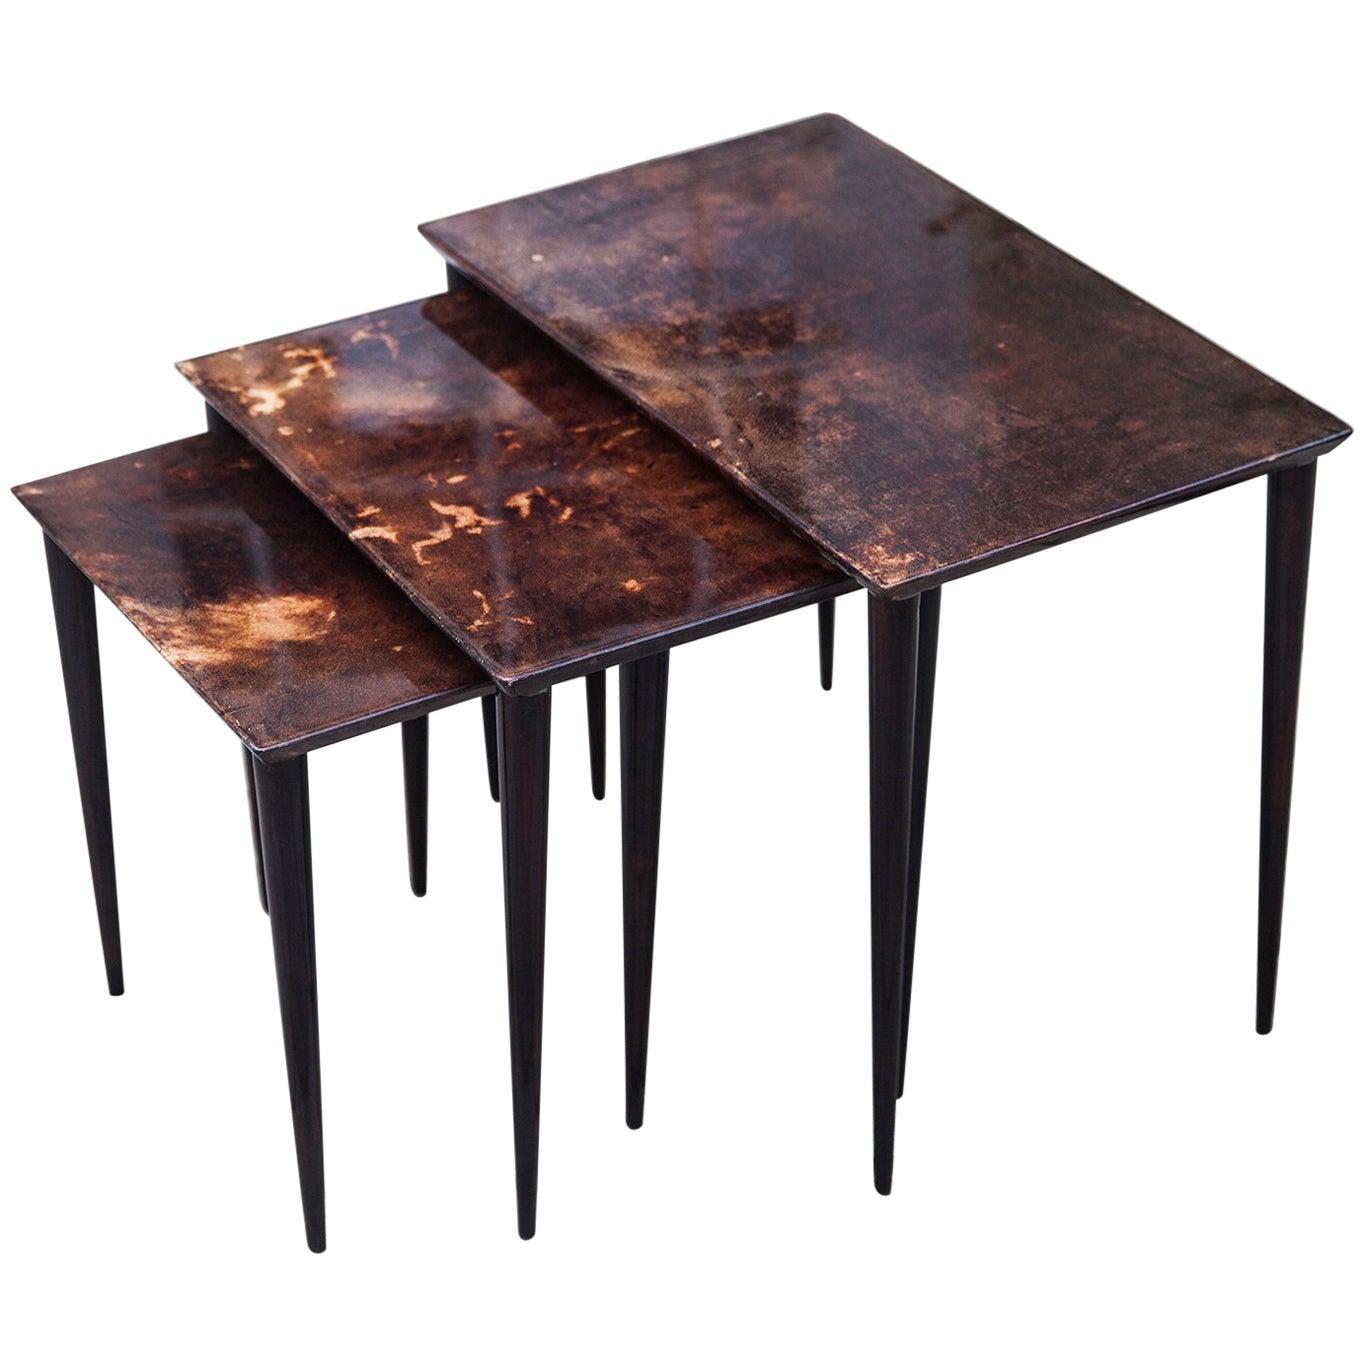 Aldo Tura Nesting Tables Brown Goatskin, 1960s